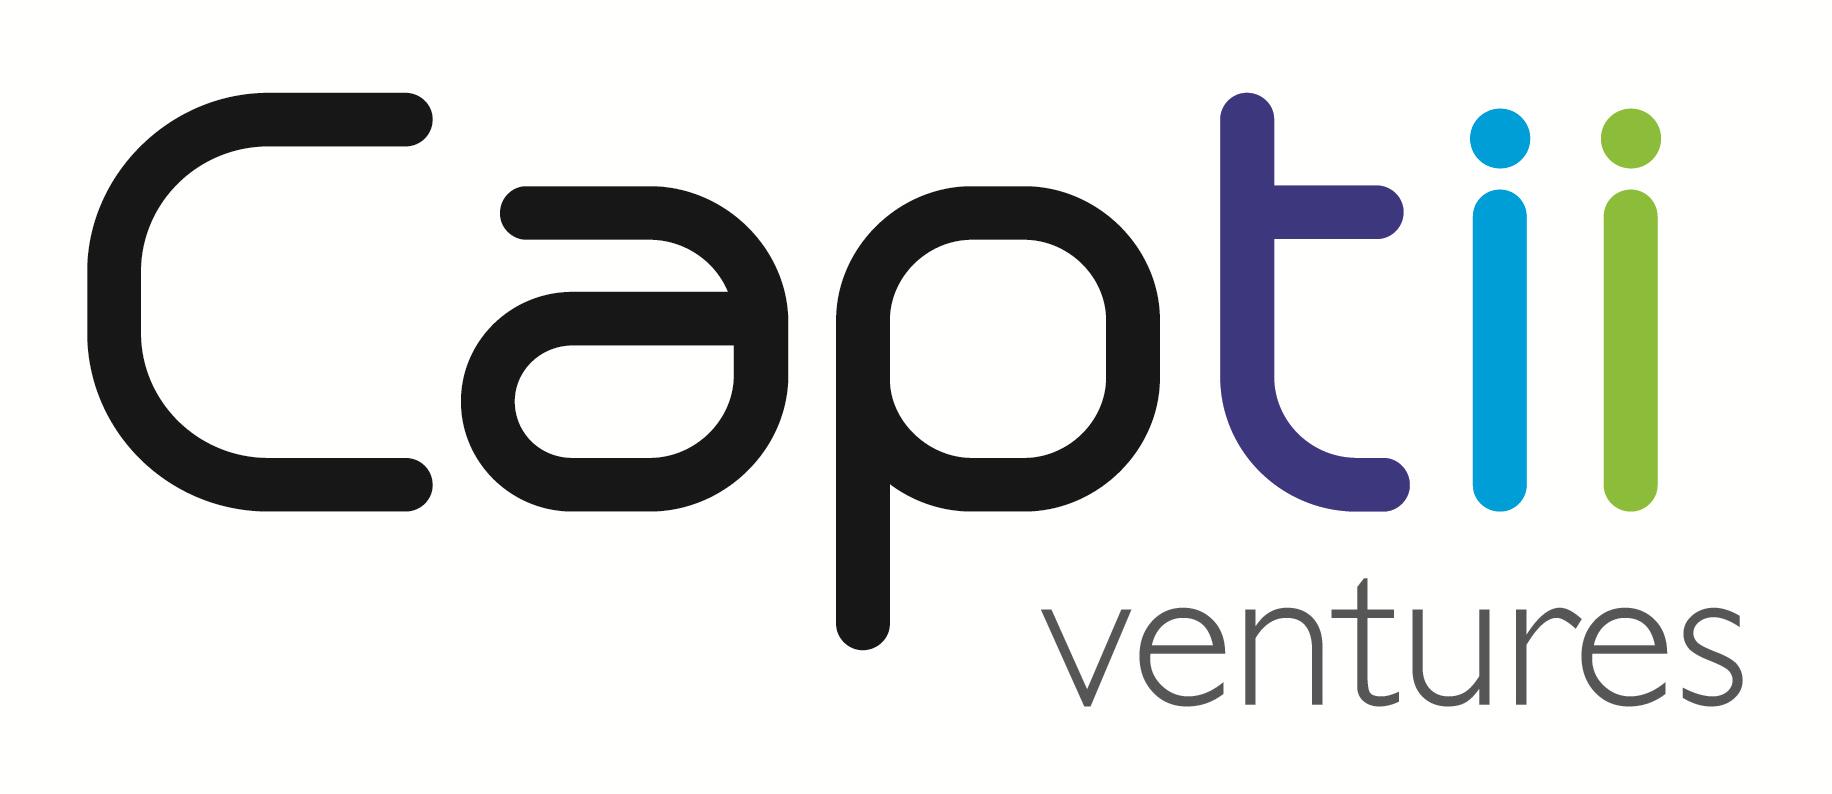 Captii Ventures